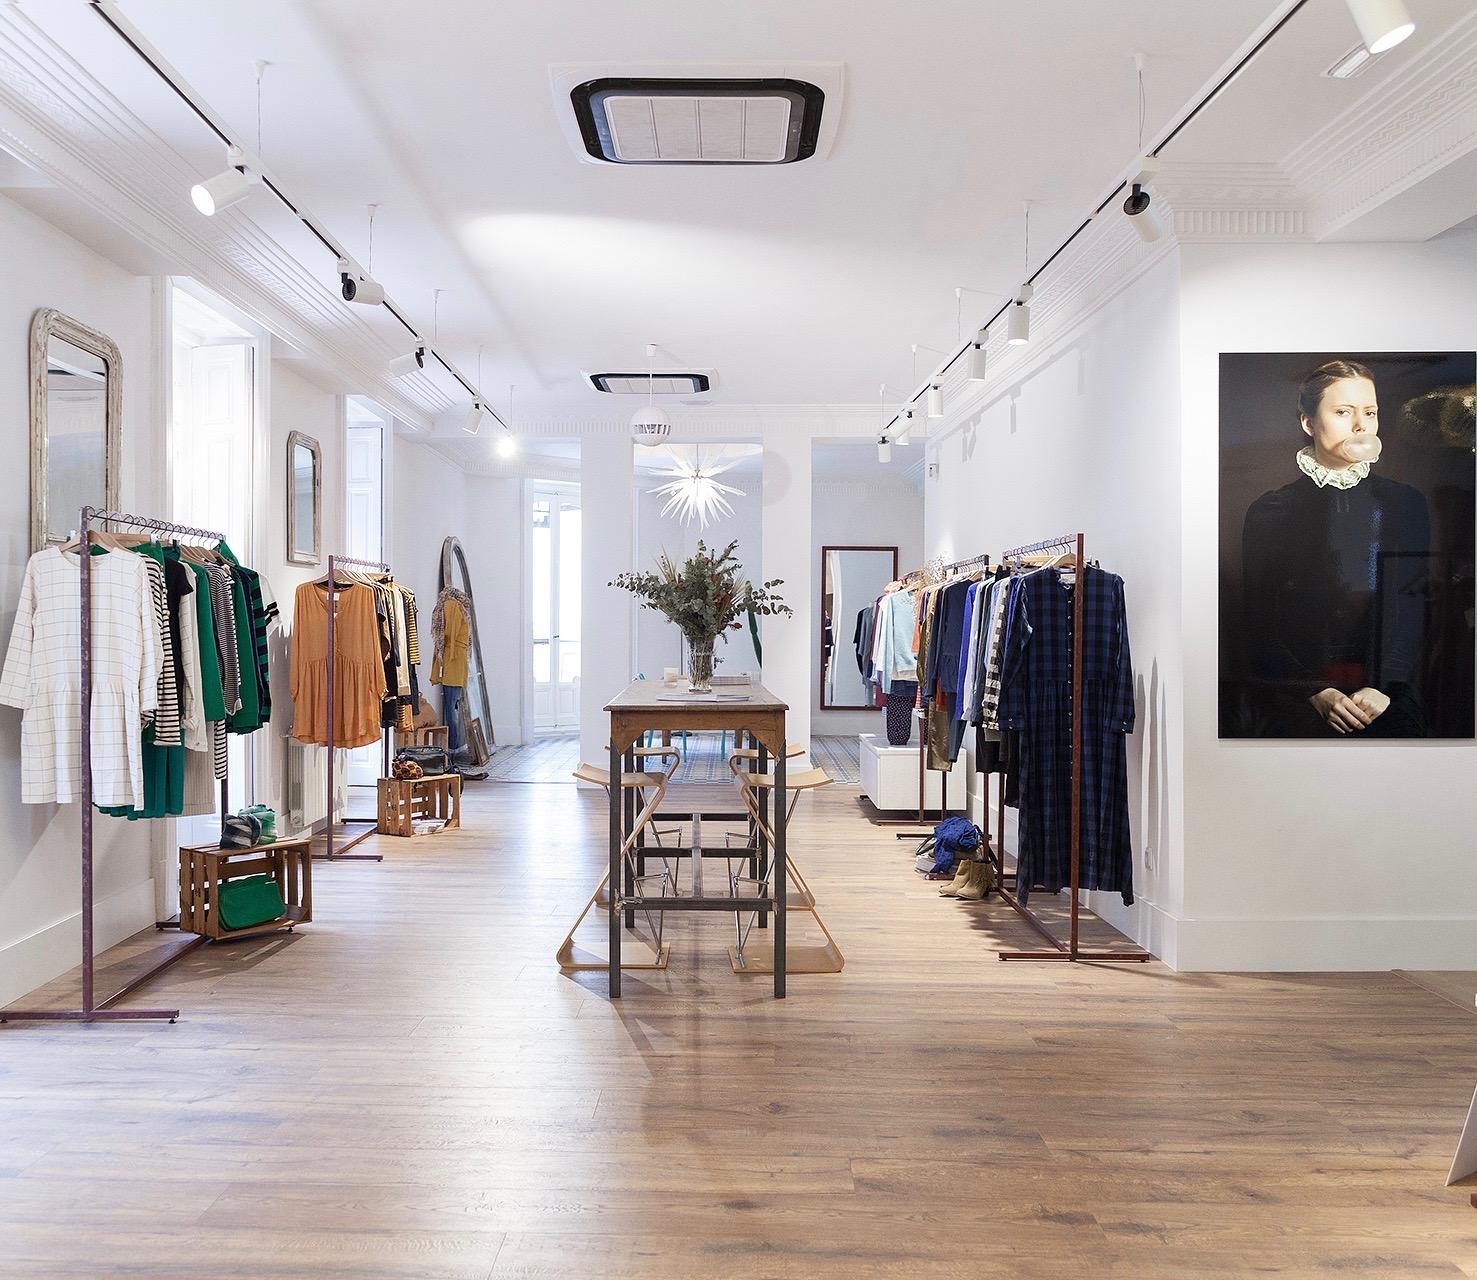 Что такое шоу-рум модной одежды или обуви - как открыть, зарегистрировать и развивать бизнес